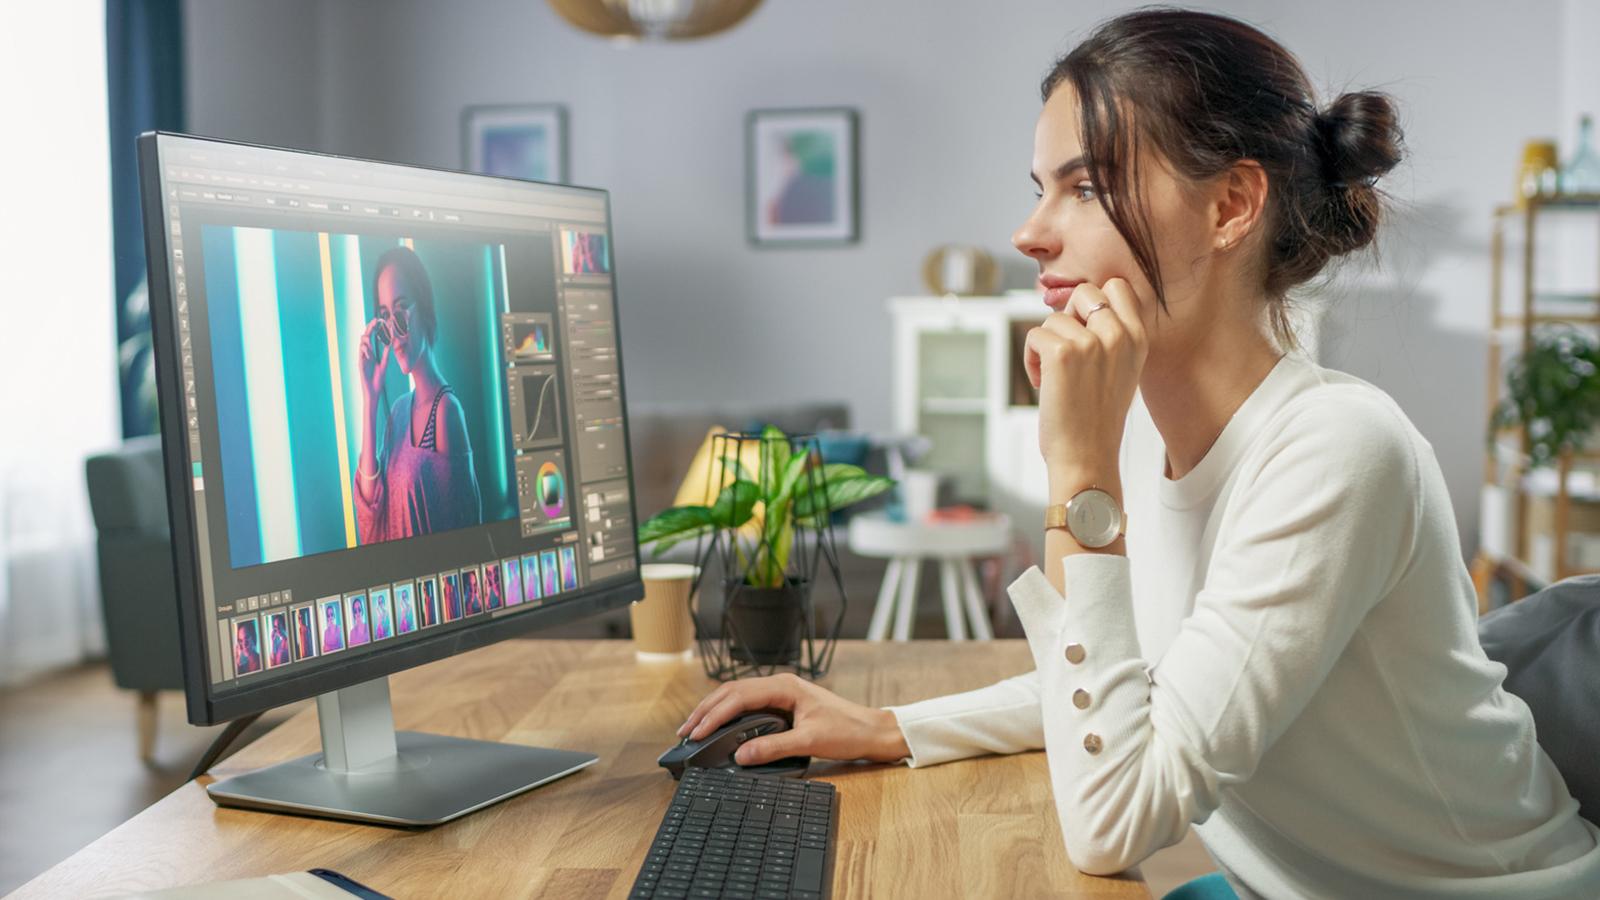 Kereset egy pc-vel. Hogyan lehet pénzt keresni számítógépen: módszerek és ajánlások